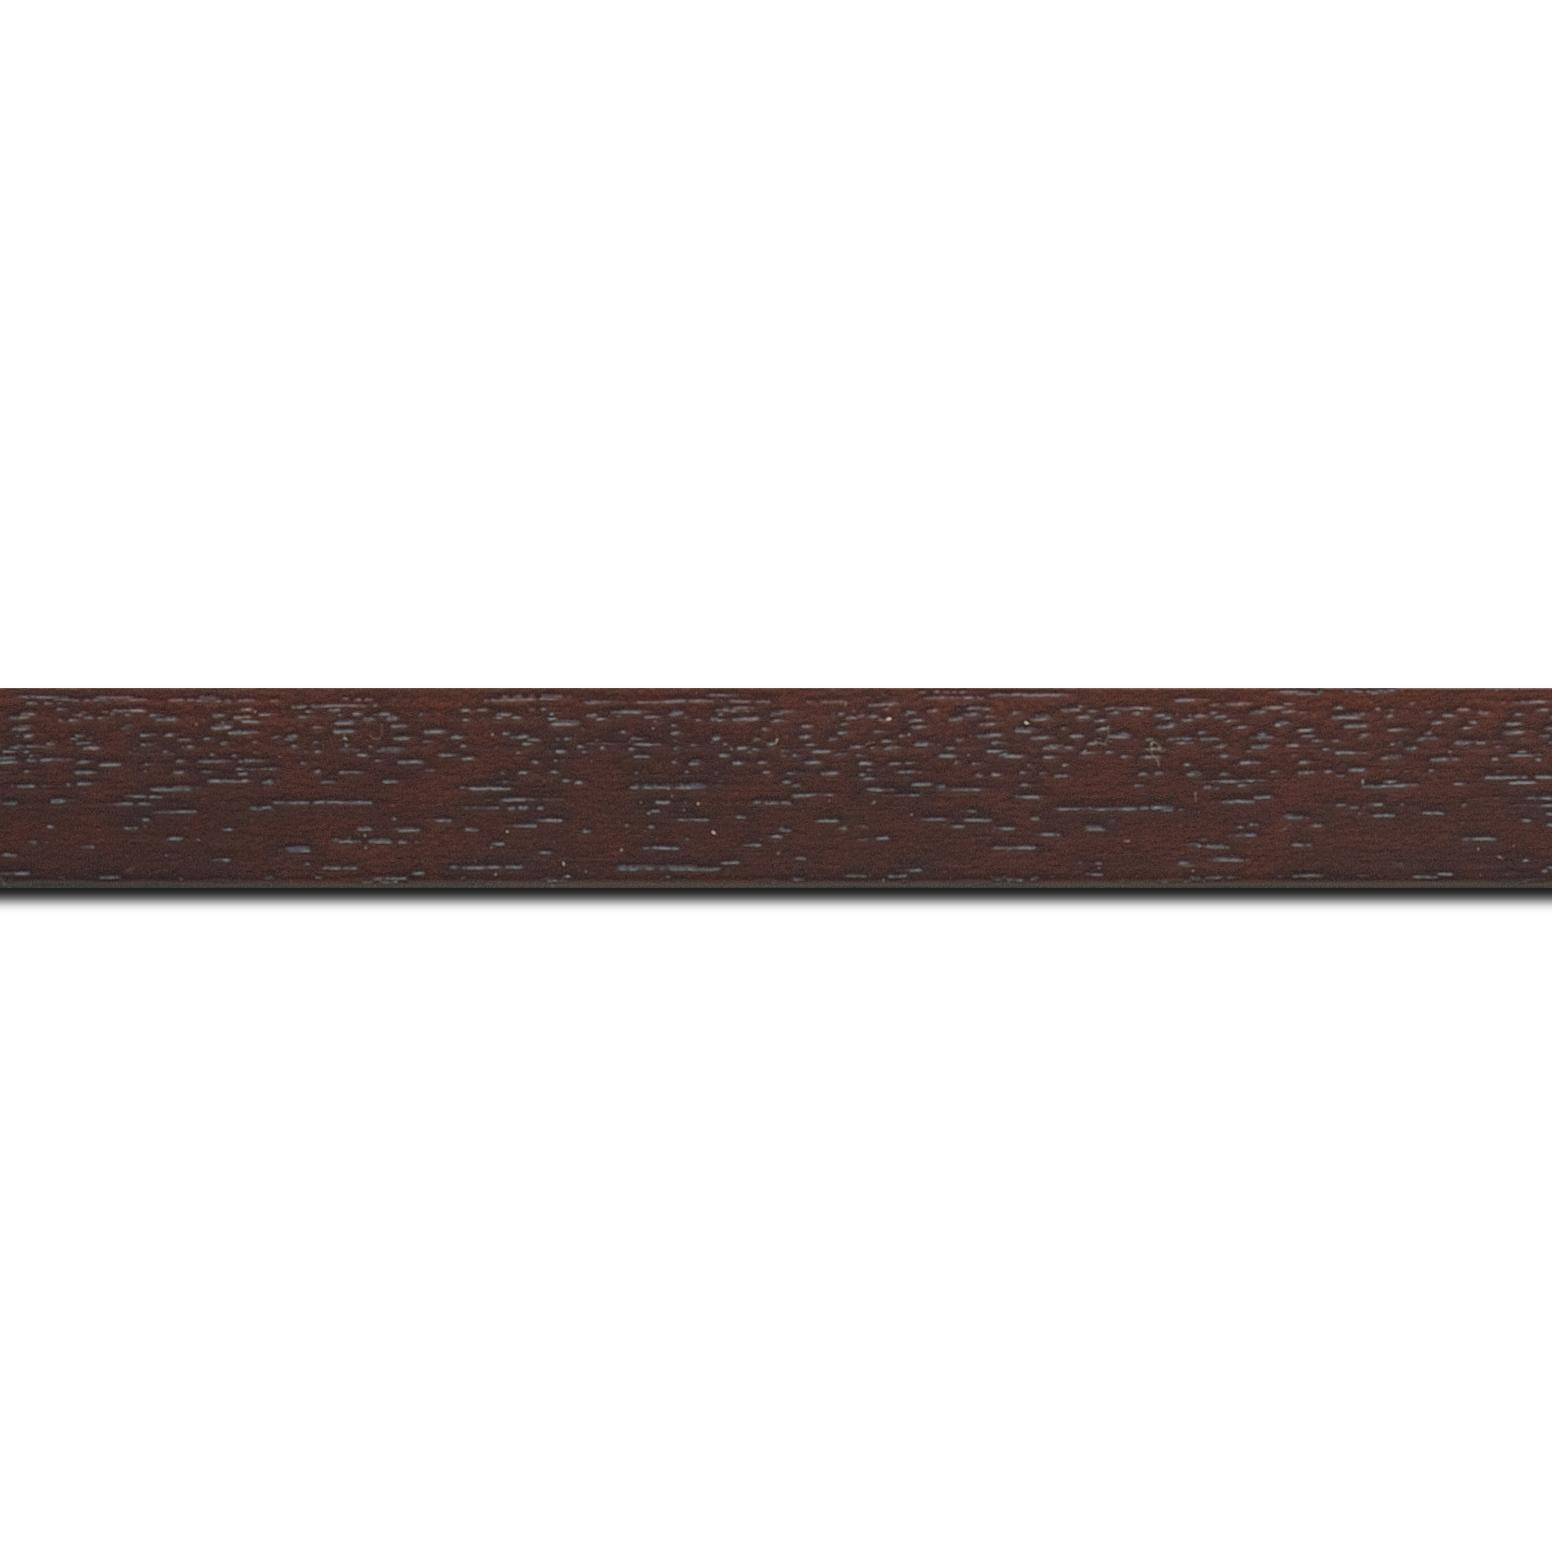 Pack par 12m, bois profil plat largeur 2cm hauteur 3.3cm marron foncé satiné (aussi appelé cache clou)(longueur baguette pouvant varier entre 2.40m et 3m selon arrivage des bois)